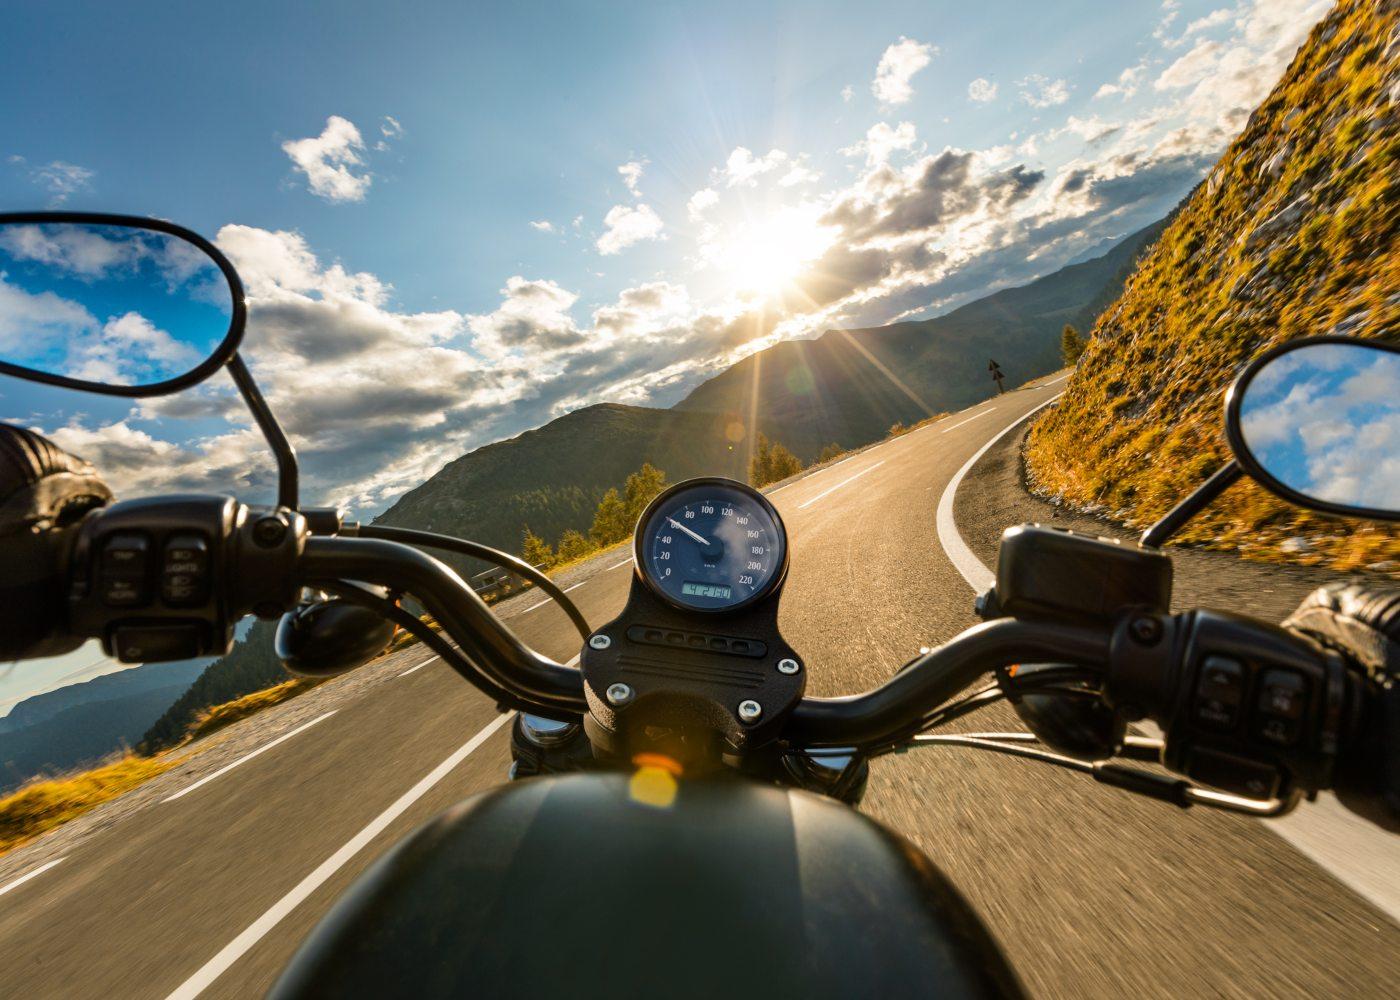 andar de mota em estrada de montanha